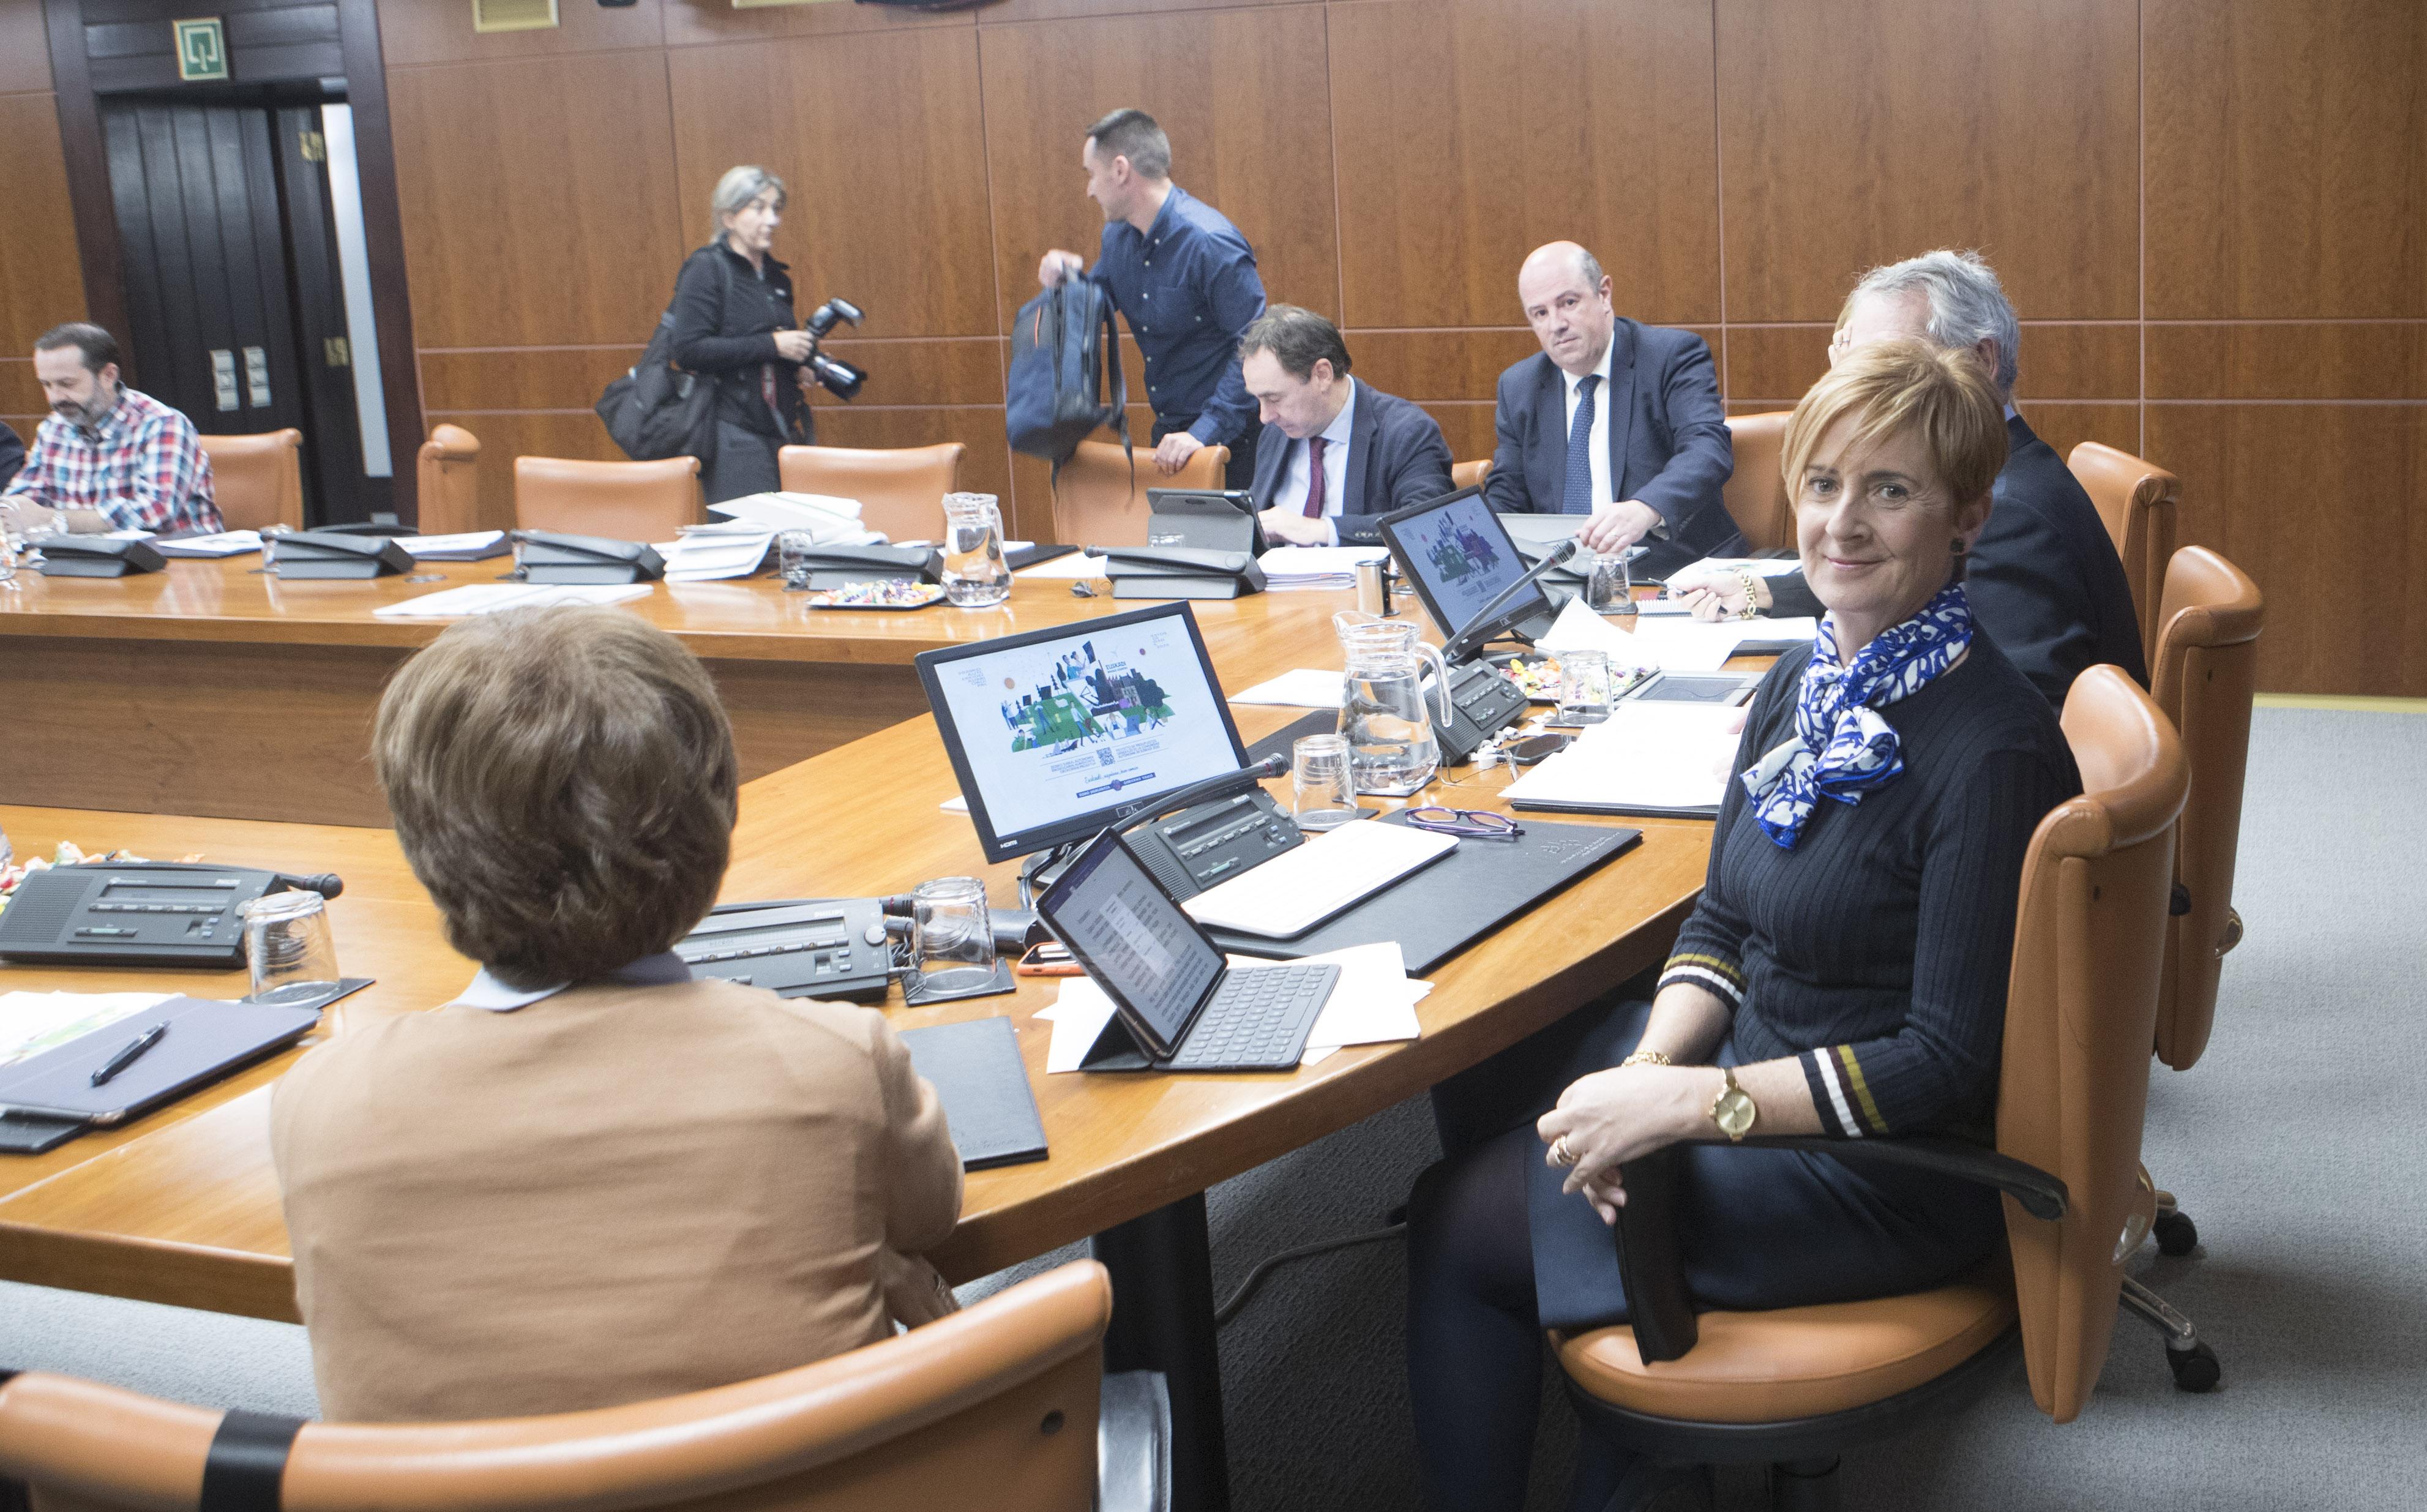 Eusko Jaurlaritzak 962,7 milioi euro bideratuko ditu ekonomia produktibora eta azpiegituren hobekuntzara 2020. urtean